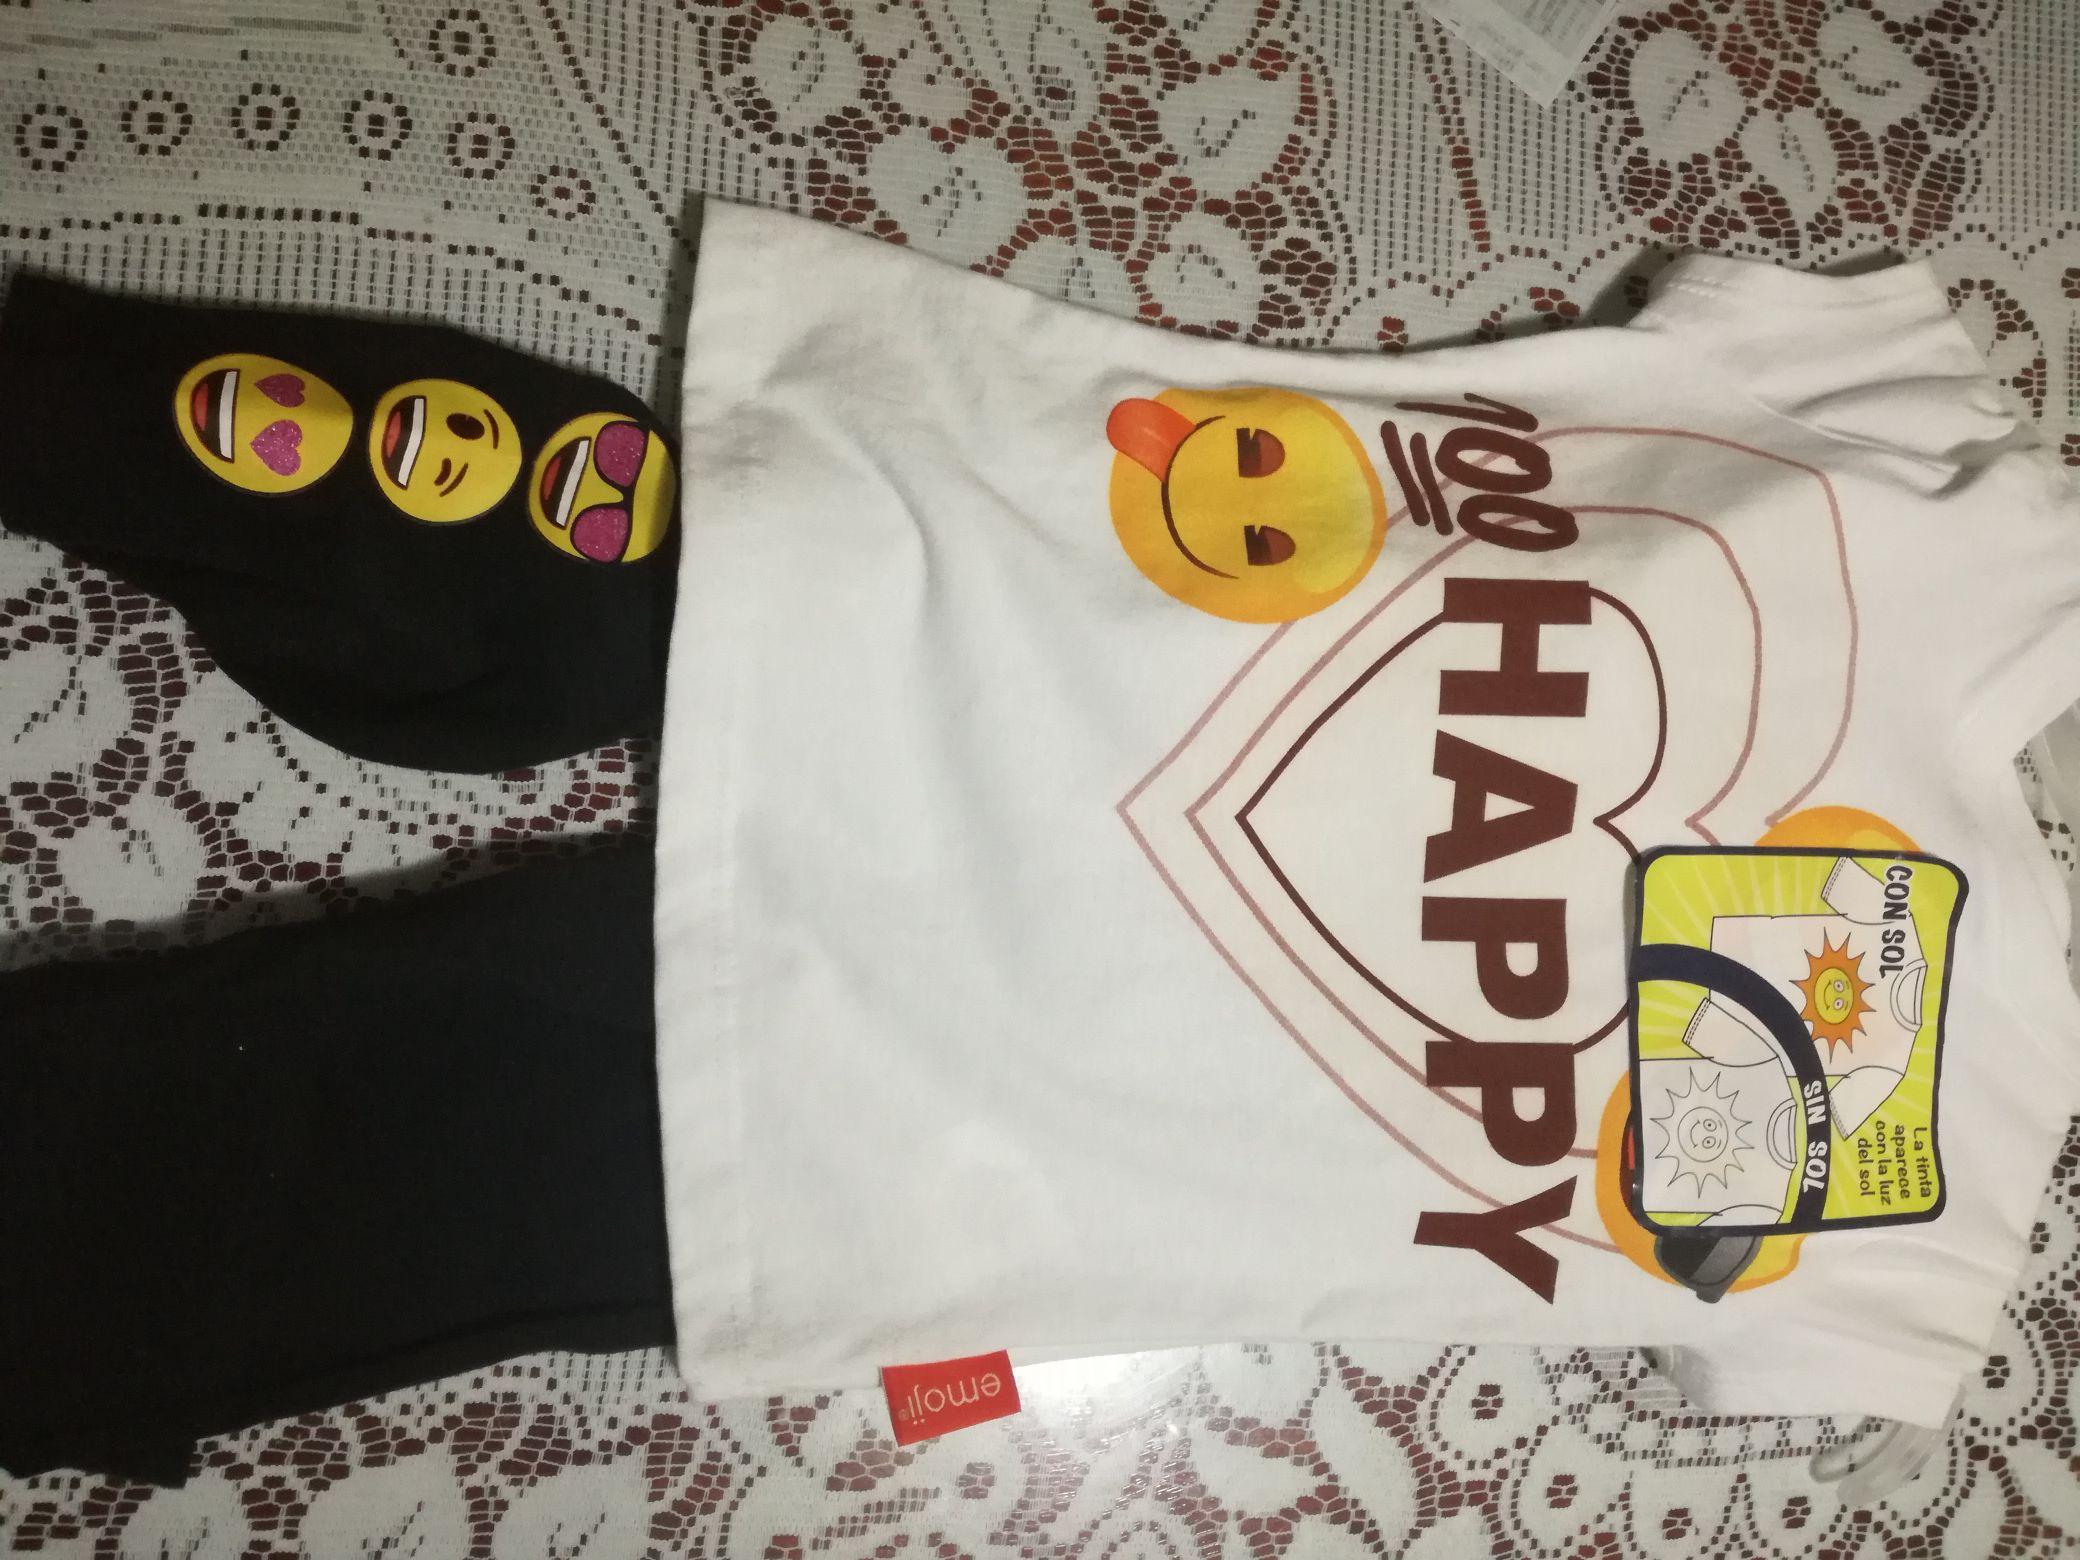 Walmart veracruz  pijama de emoji $20.01,playera de hombre $20.01,zapatitos de bebe $2.01,corpiño de niña $10.02